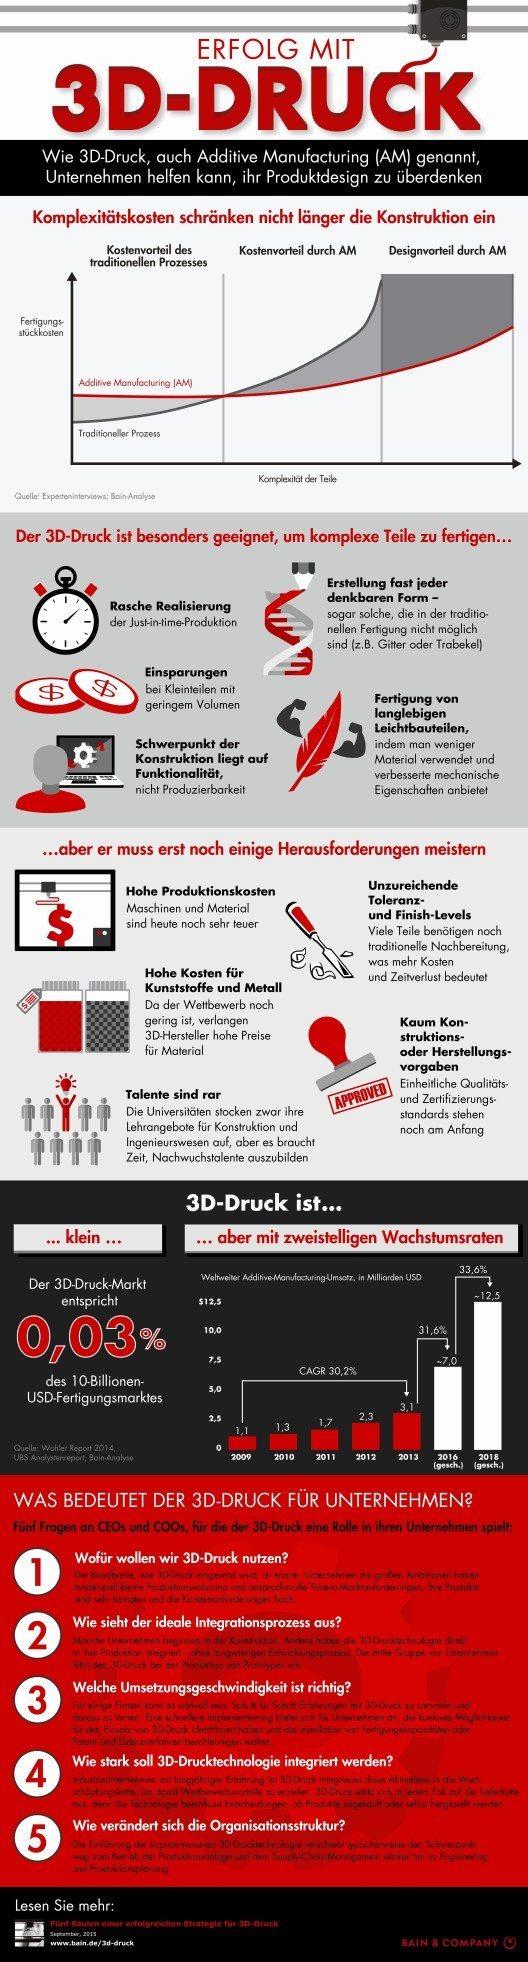 Erfolg mit 3D-Druck: Wie Additive Manufacturing (AM) Unternehmen helfen kann, ihr Produktdesign zu überdenken. (Bild: © obs/Bain & Company )